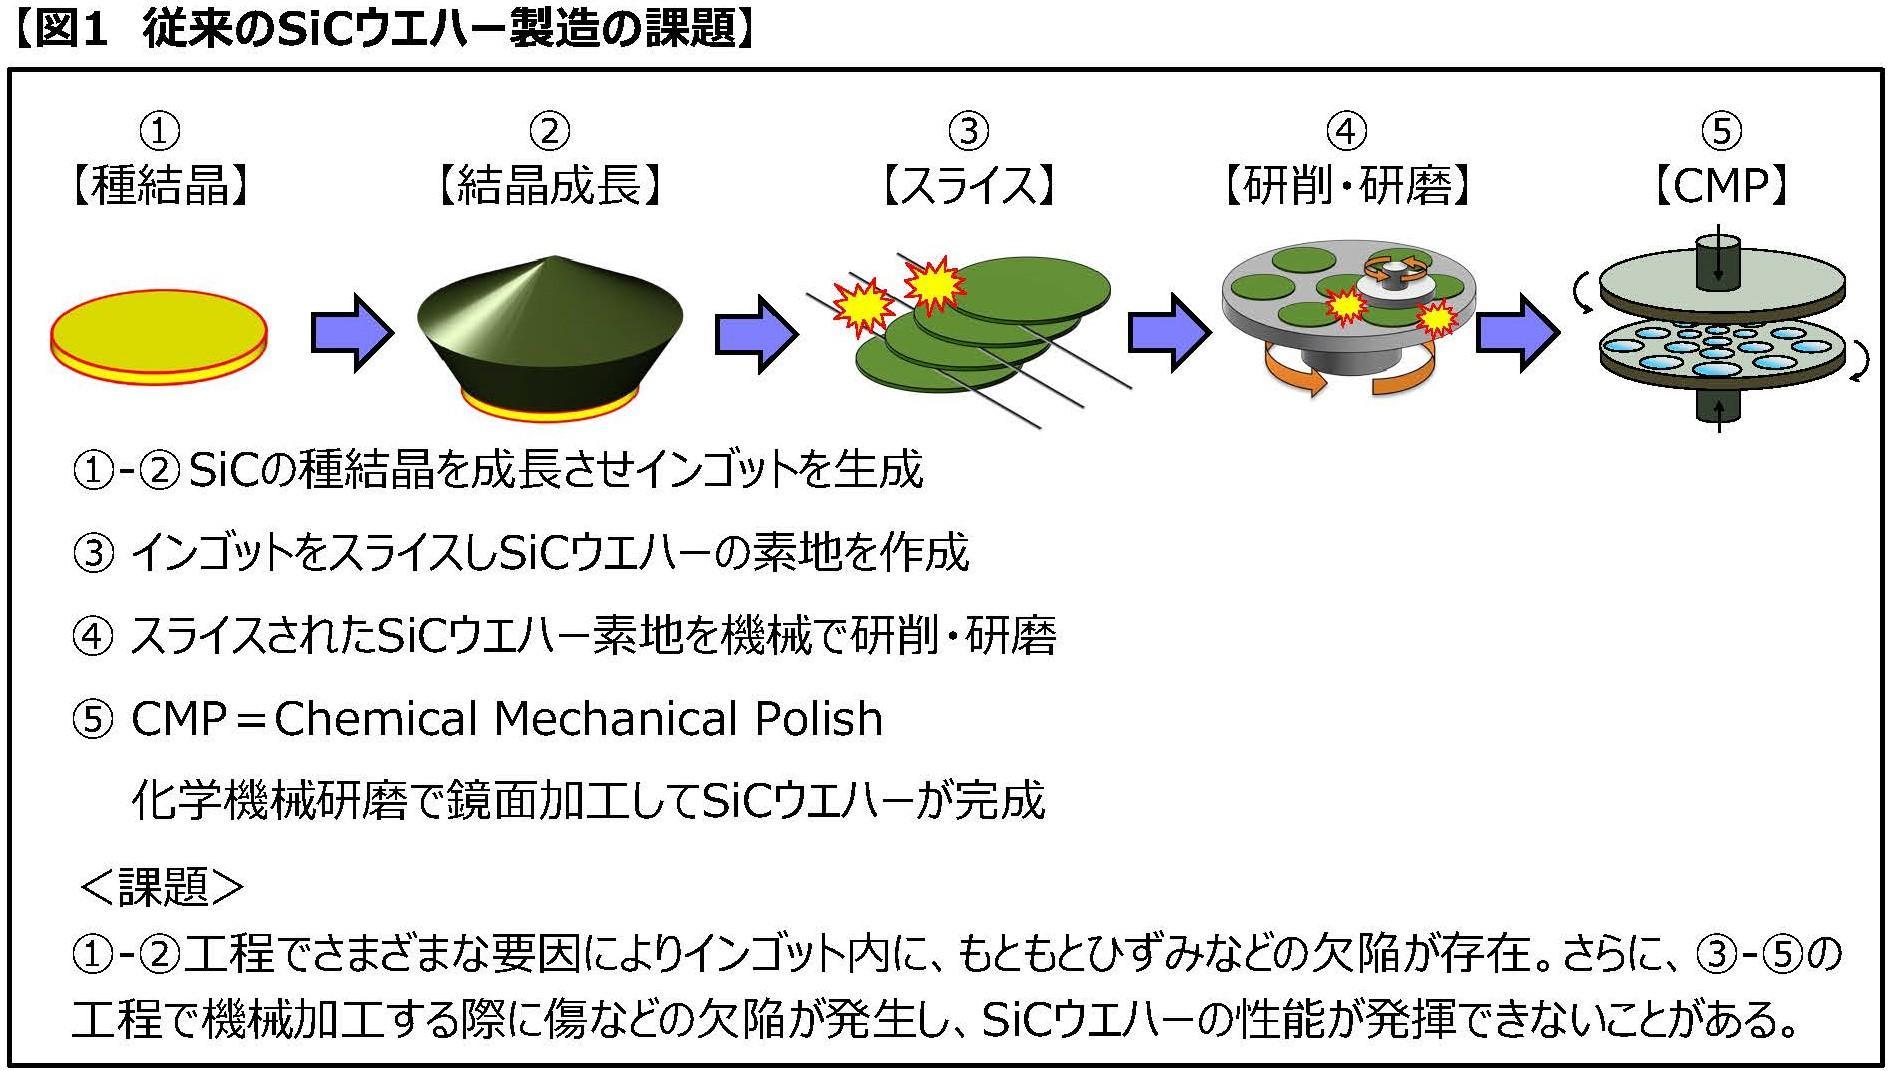 豊田通商と関西学院大学が革新的な炭化ケイ素半導体ウエハー製造プロセスを共同開発~高品質かつ効率的な量産化技術の確立を目指す~